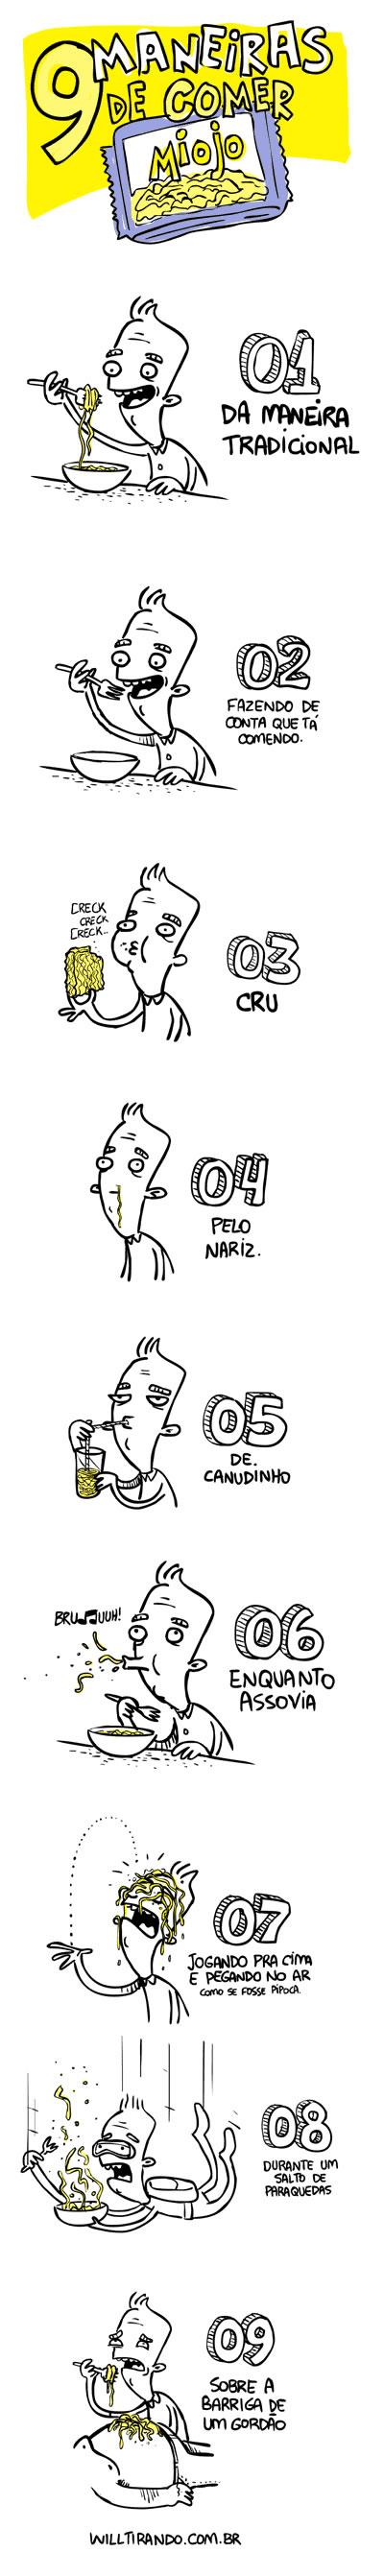 9 maneiras de comer miojo 4